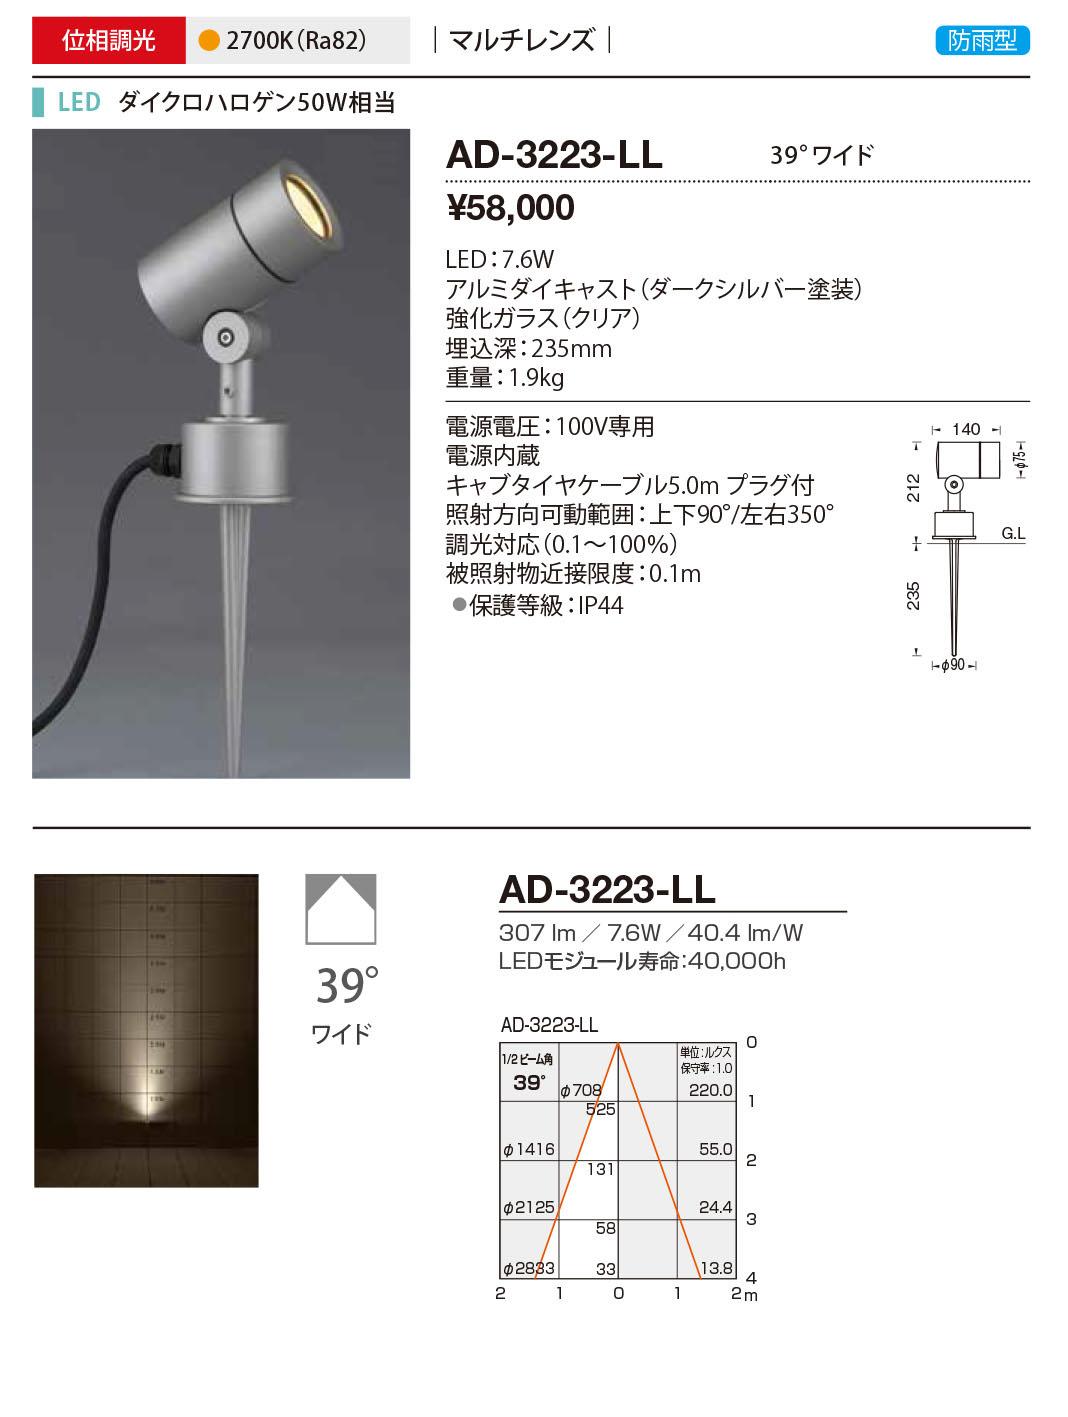 AD-3223-LL 山田照明 照明器具 エクステリア LED一体型スポットライト ディマブル75 調光 マルチレンズ 防雨型 ワイド ダイクロハロゲン50W相当 電球色 AD-3223-LL